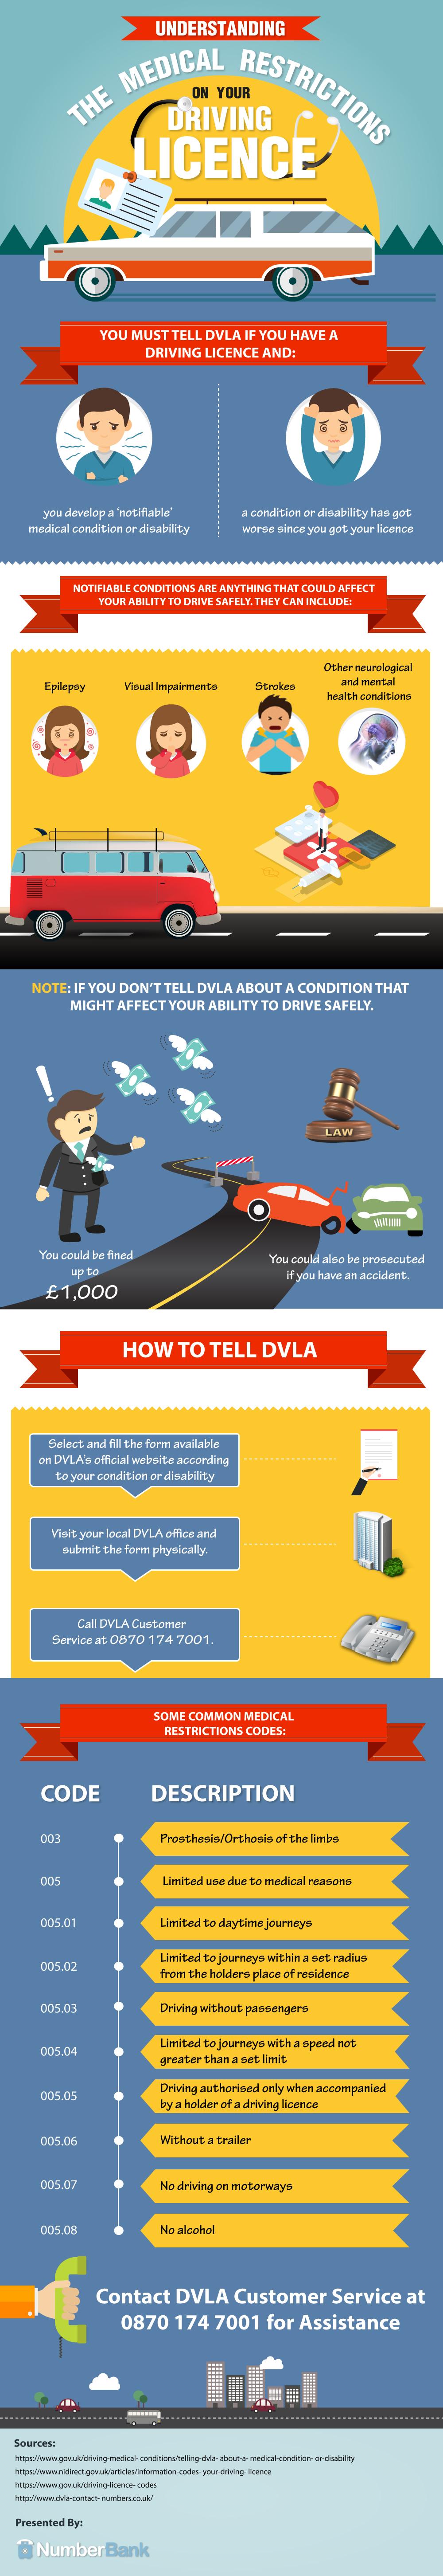 Medical-Restrictions-DVLA.